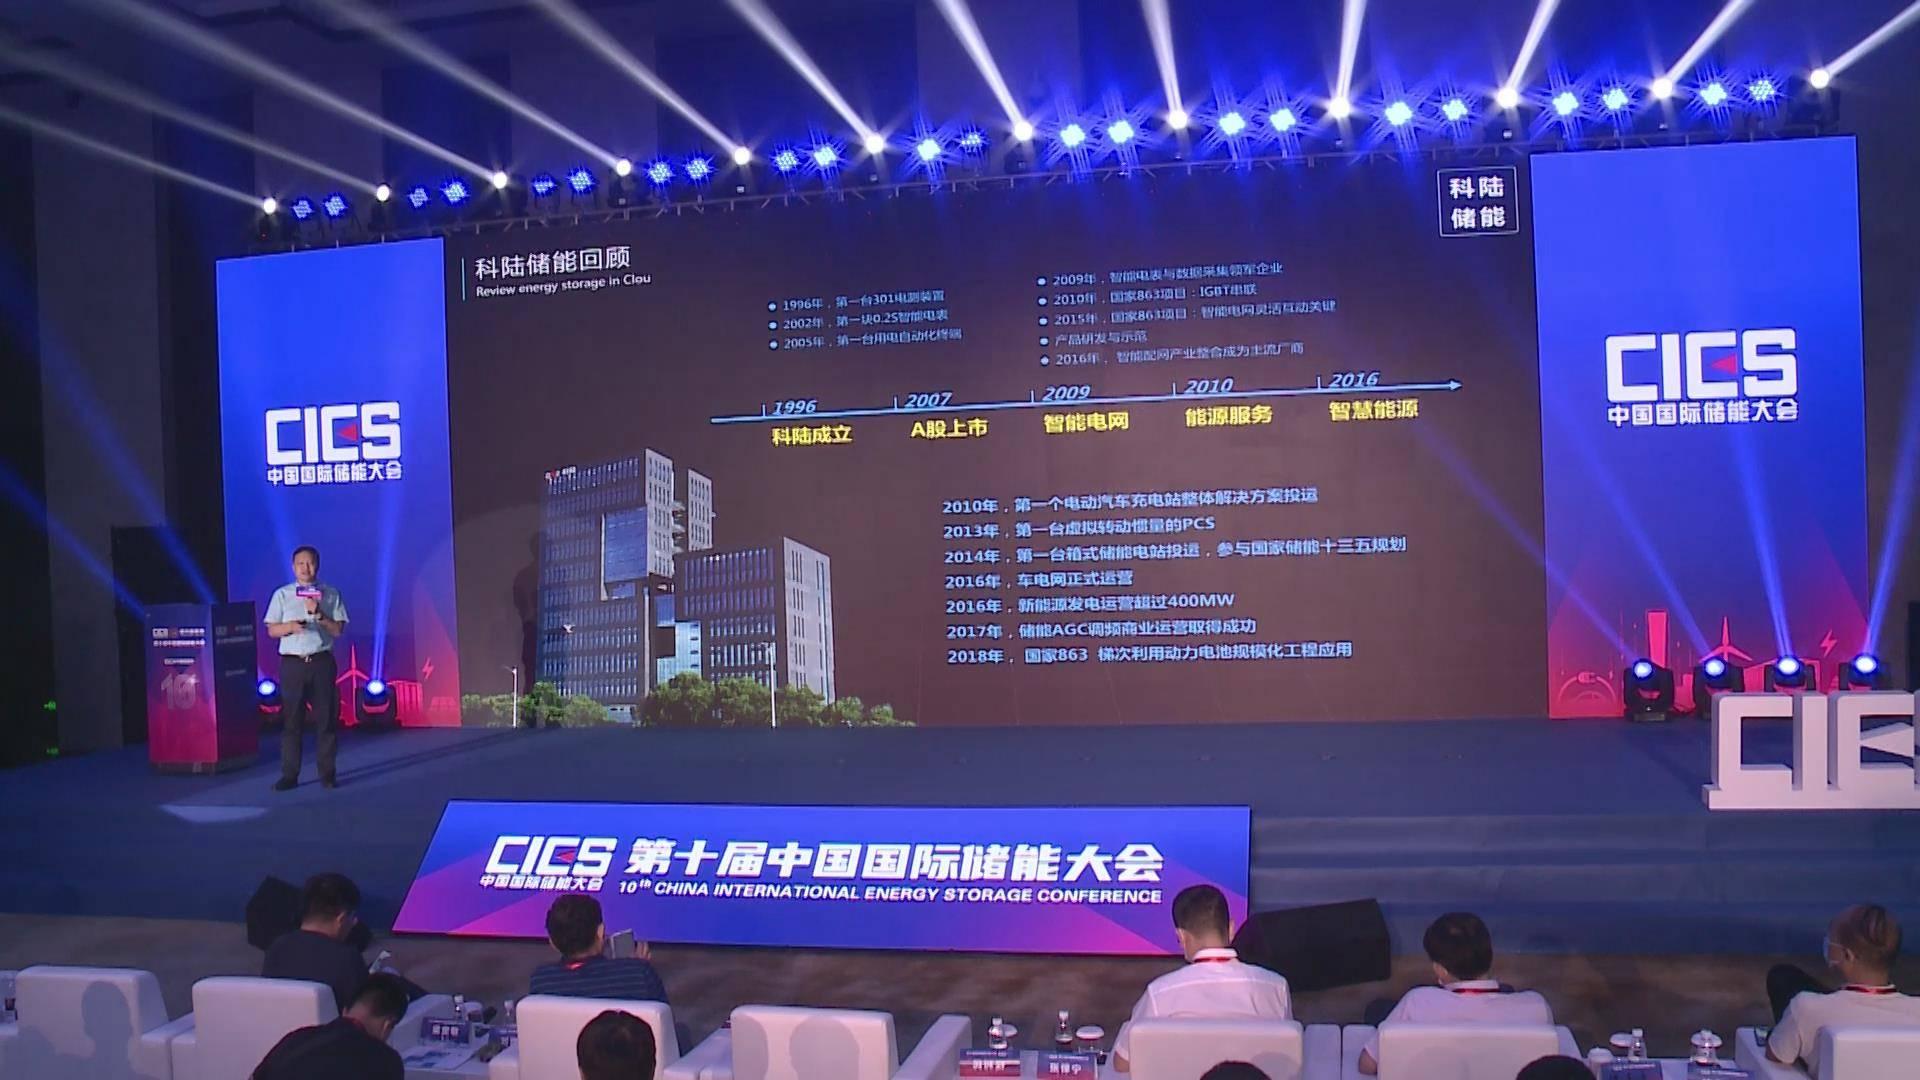 周新华:科陆新一代可再生能源配套新浦京解决方案与服务